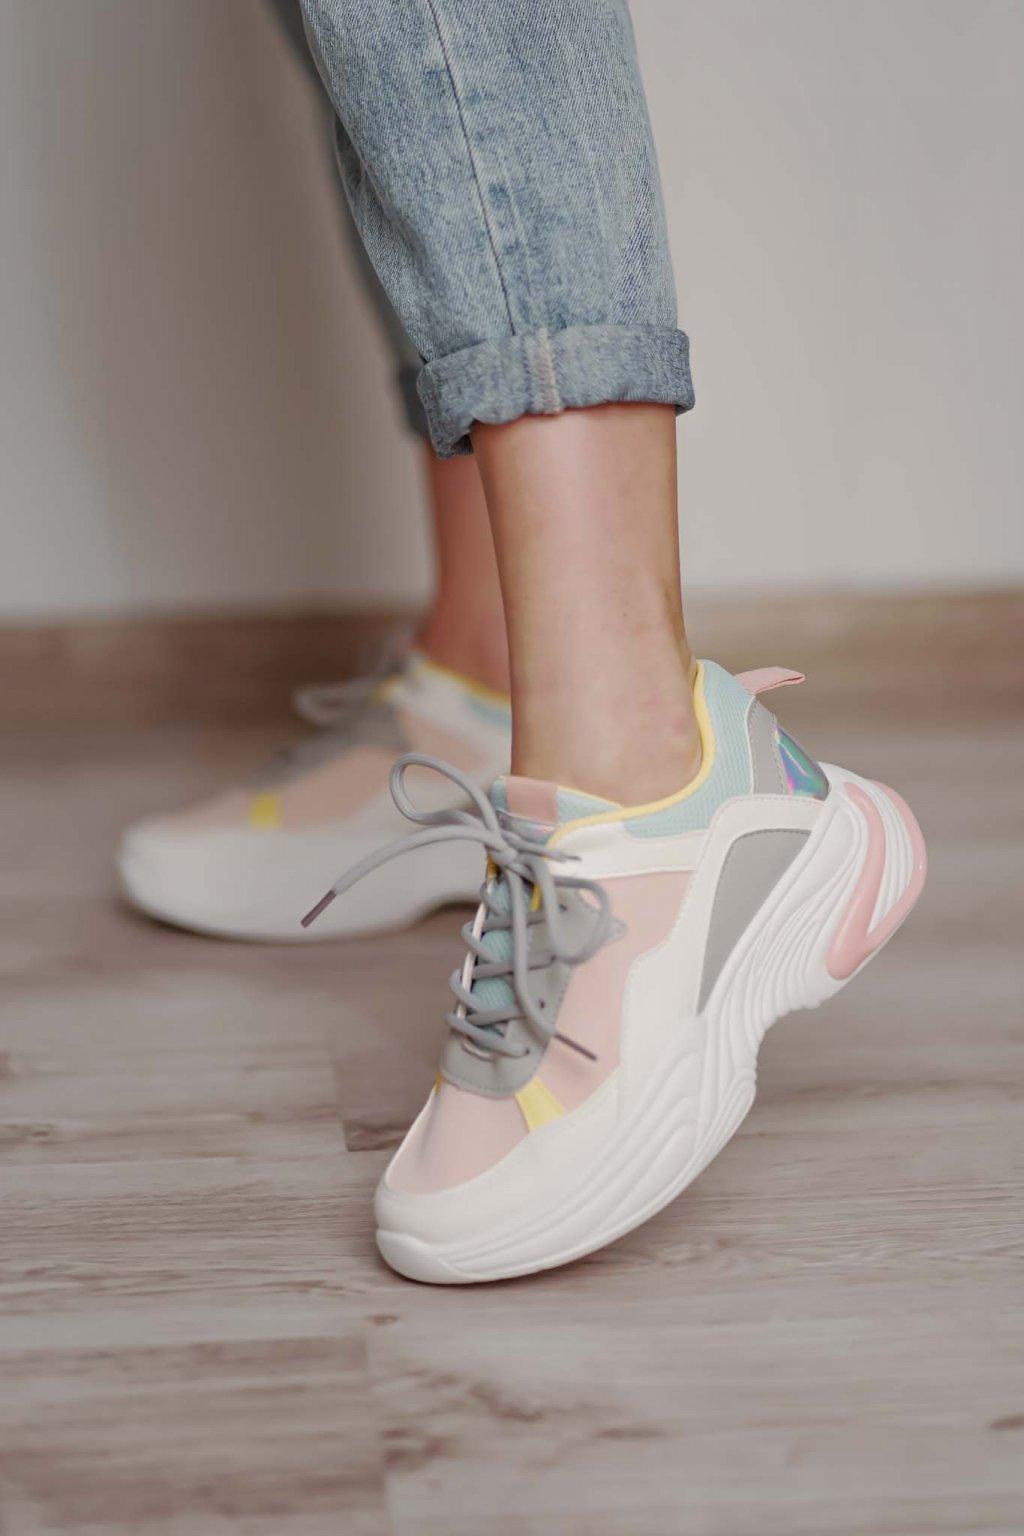 topánky, obuv, tenisky, botasky, lodičky, čižmy, šľapky, sandálky 551